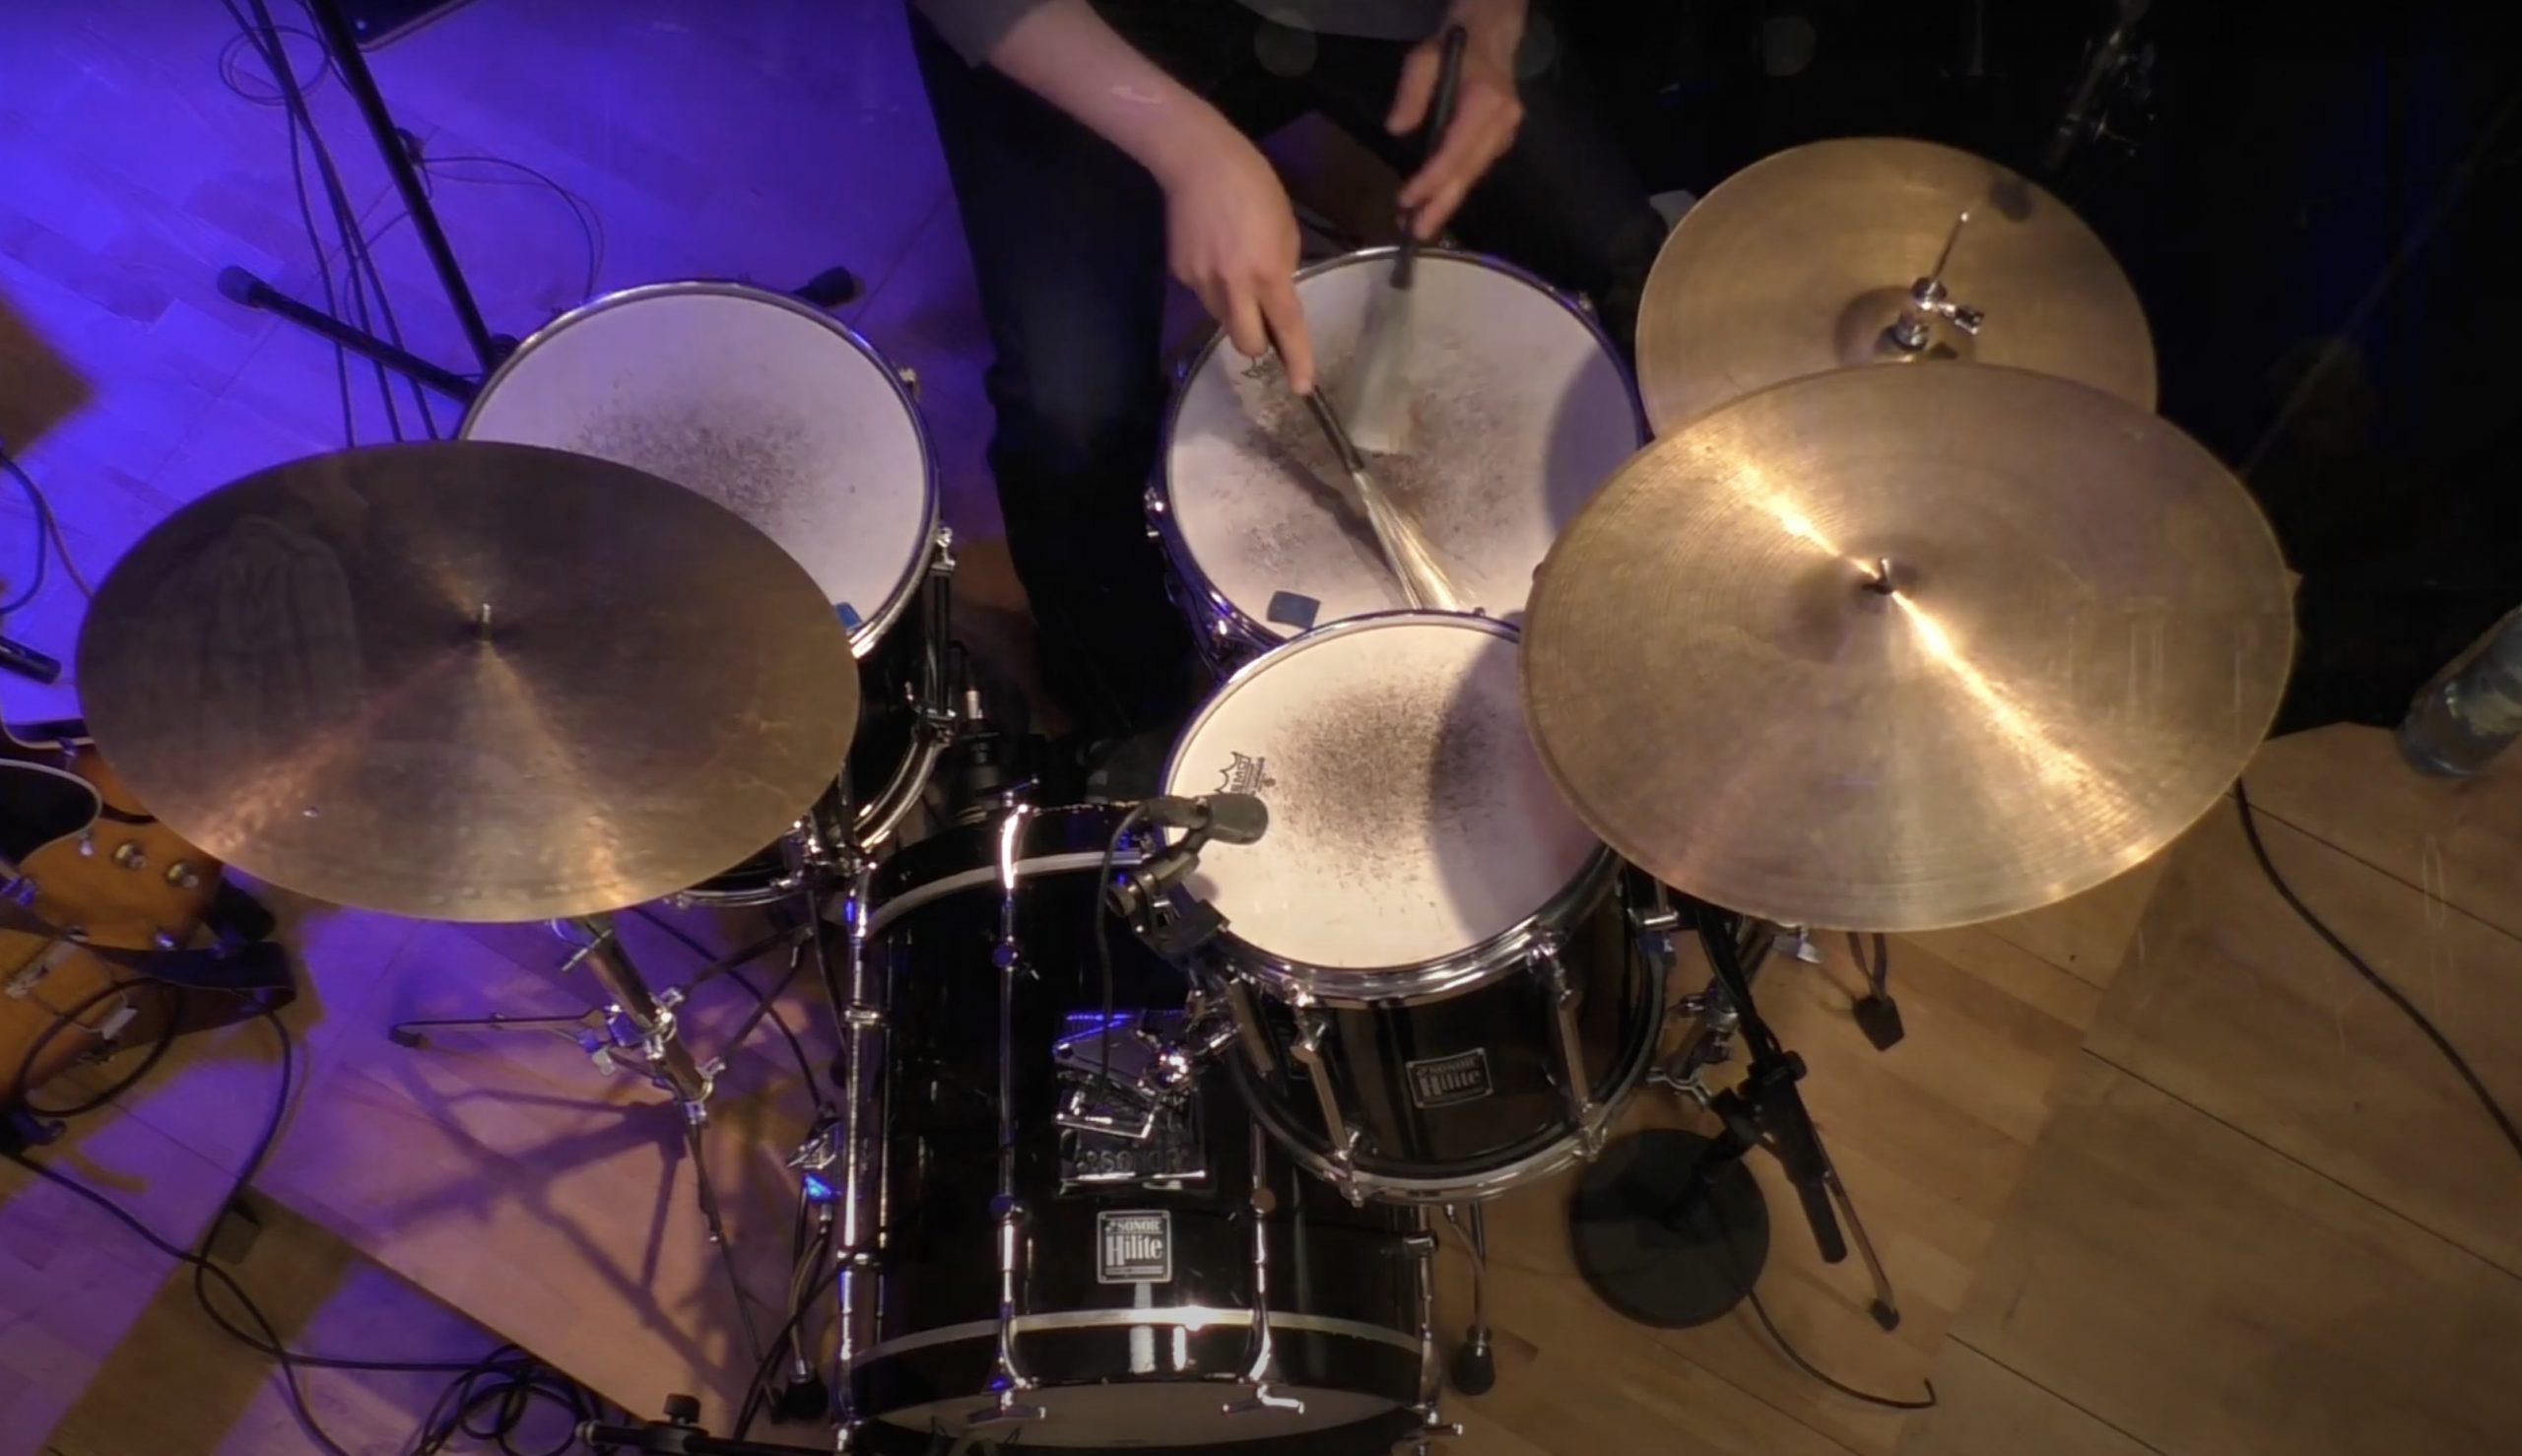 Jazz Schlagzeug mit Besen von oben fotografiert